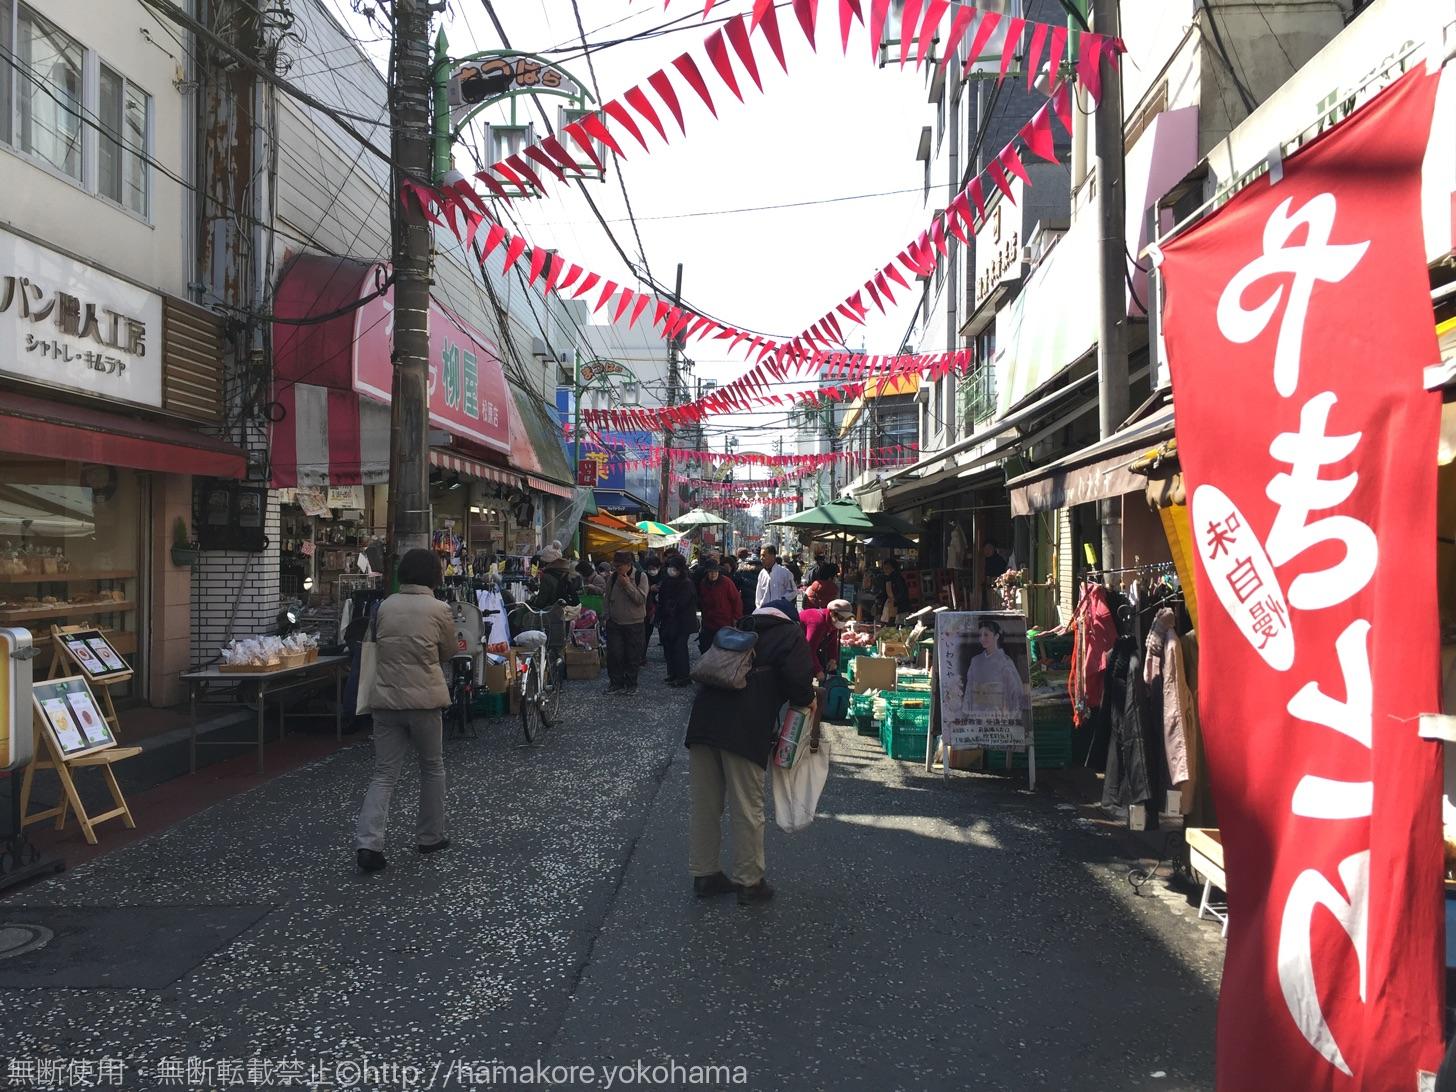 アド街で紹介された横浜・天王町・松原商店街のお店まとめ